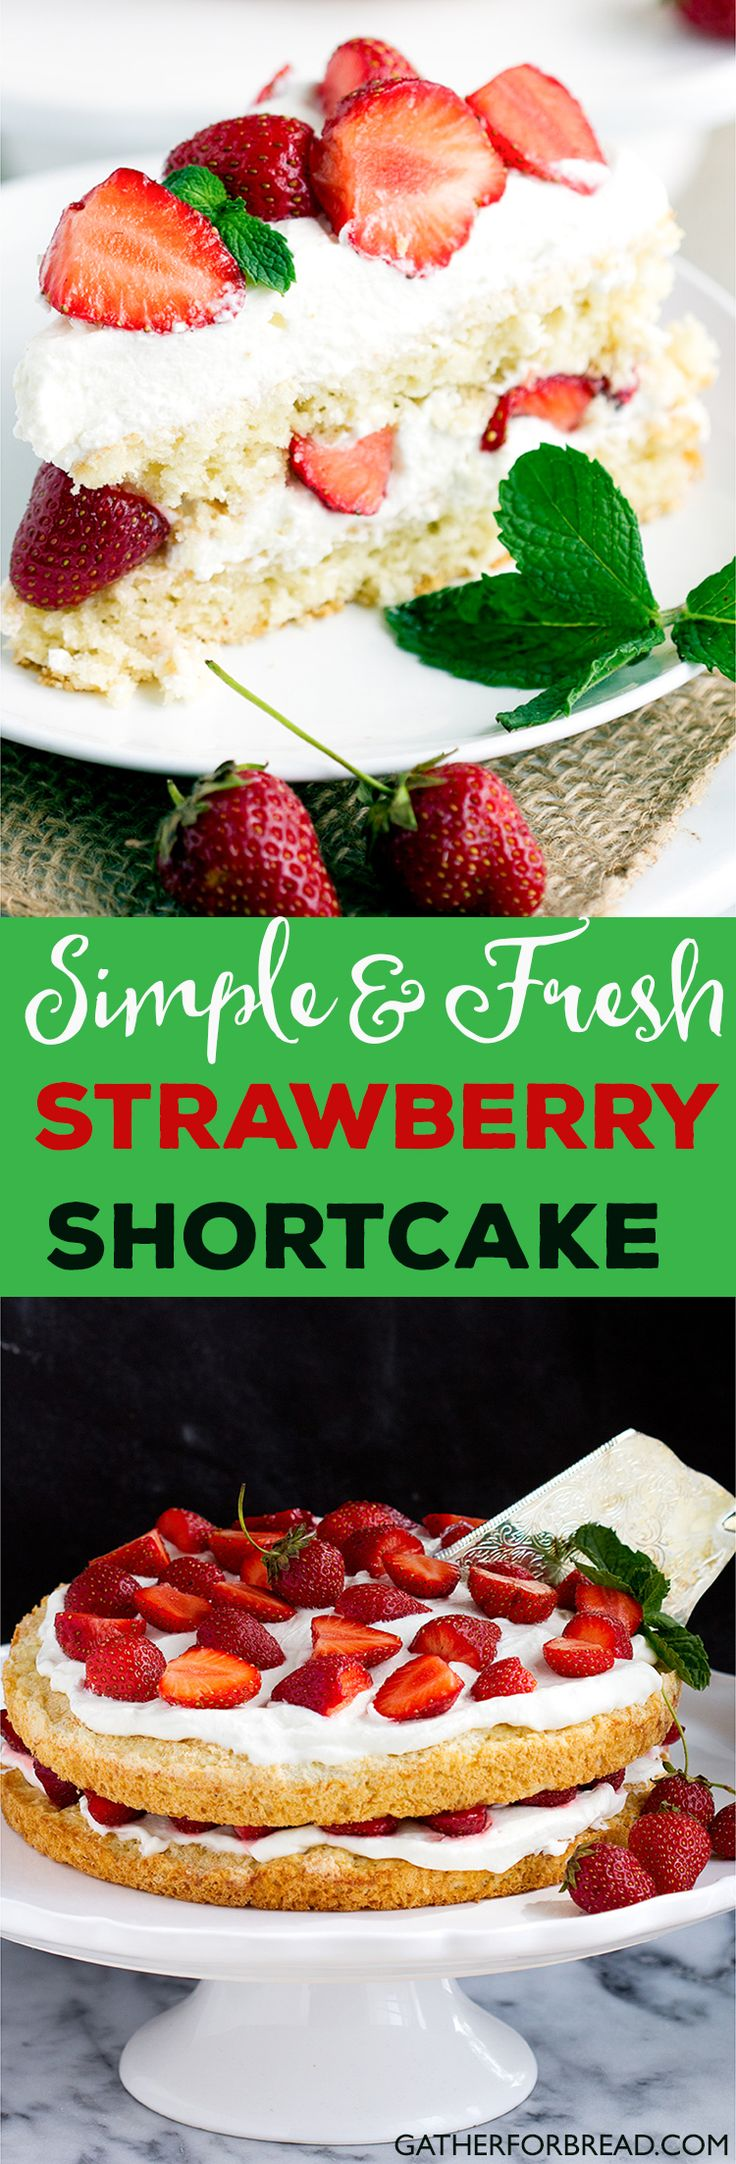 Strawberry Shortcake on Pinterest   Strawberry Shortcake, Strawberry ...